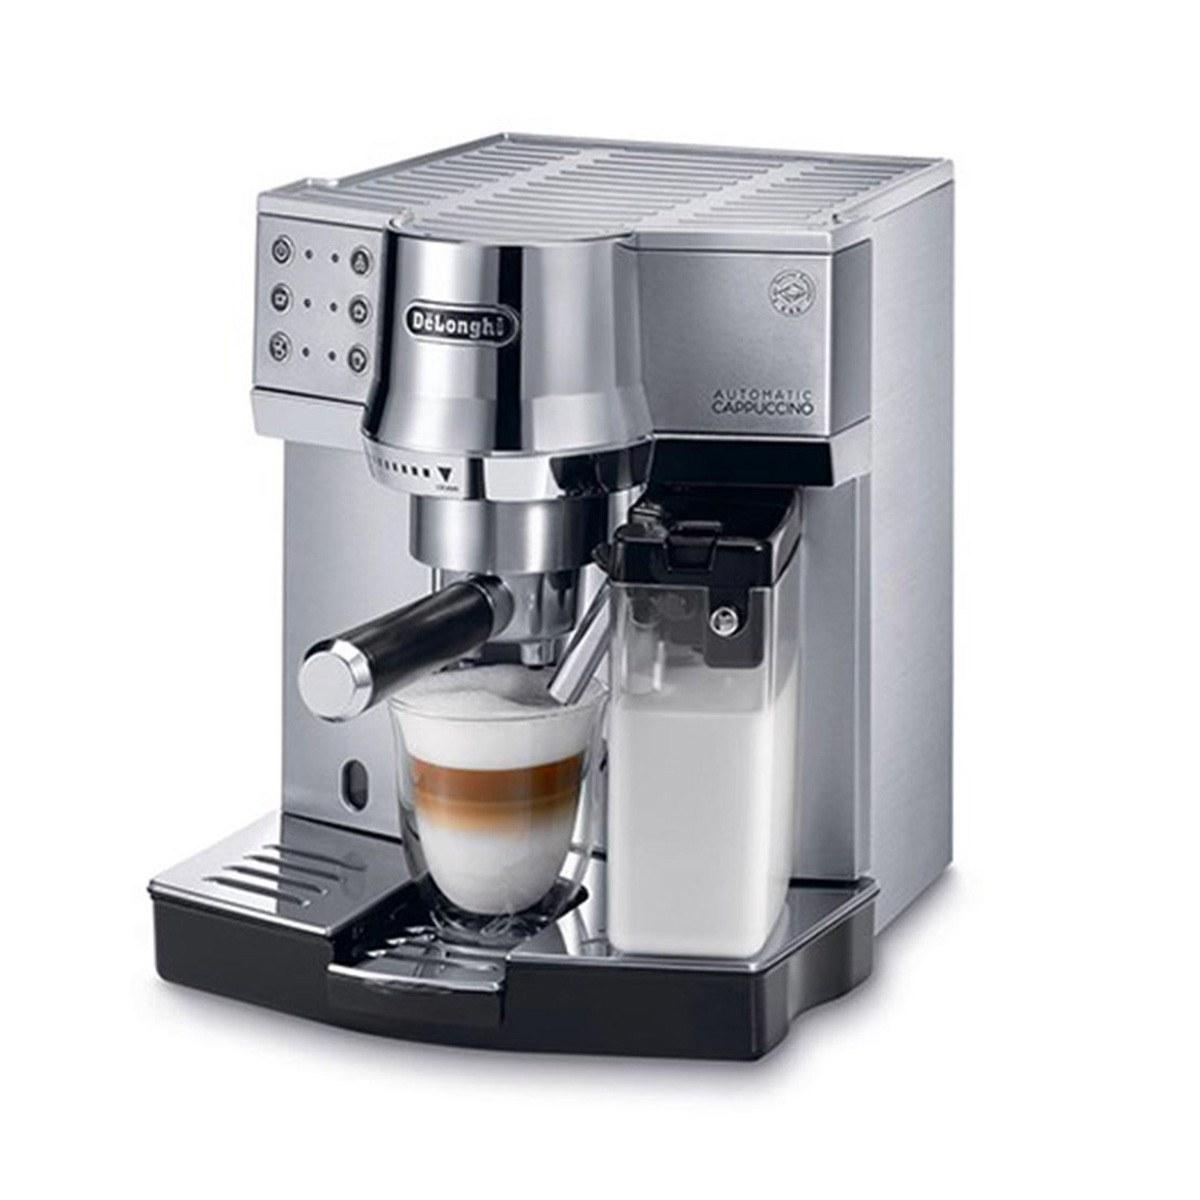 عکس اسپرسوساز دلونگی مدل EC850M Delongi EC850M Espresso Maker اسپرسوساز-دلونگی-مدل-ec850m